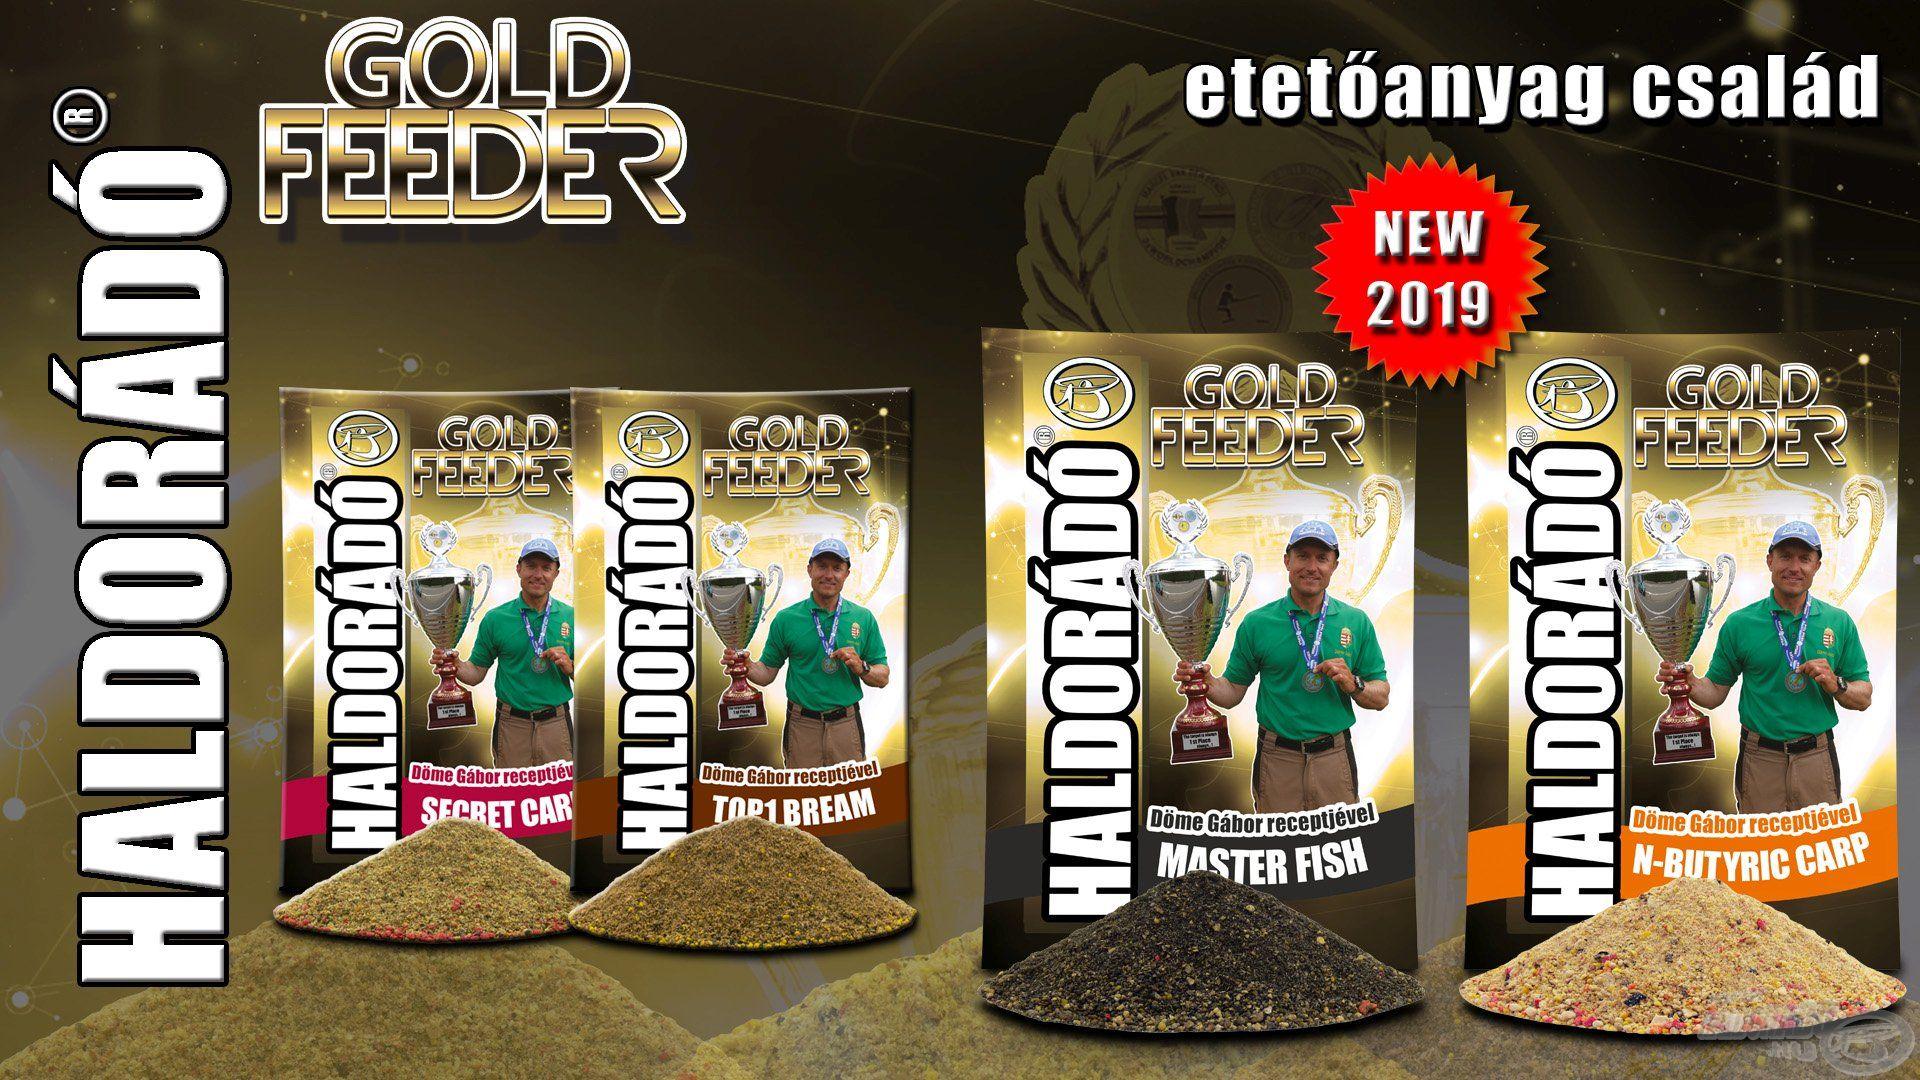 A Haldorádó Gold Feeder etetőanyag kínálat a Haldorádó Feeder Team (elsősorban Sipos Gábor és jómagam) munkáját dicséri